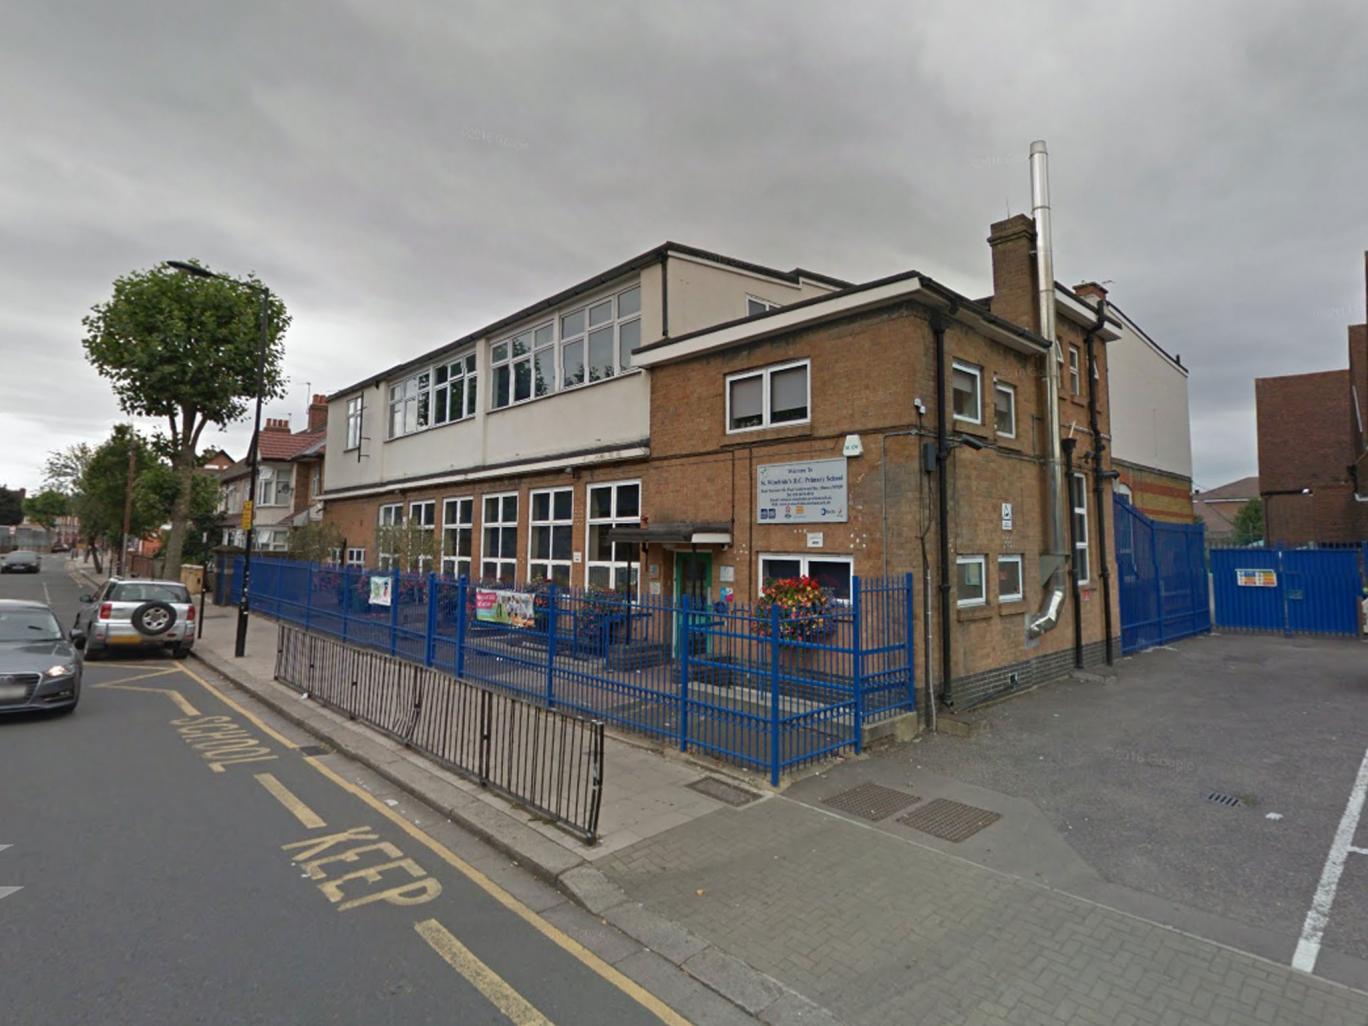 O școală catolică din Londra le-a cerut copiilor să se costumeze în sclavi